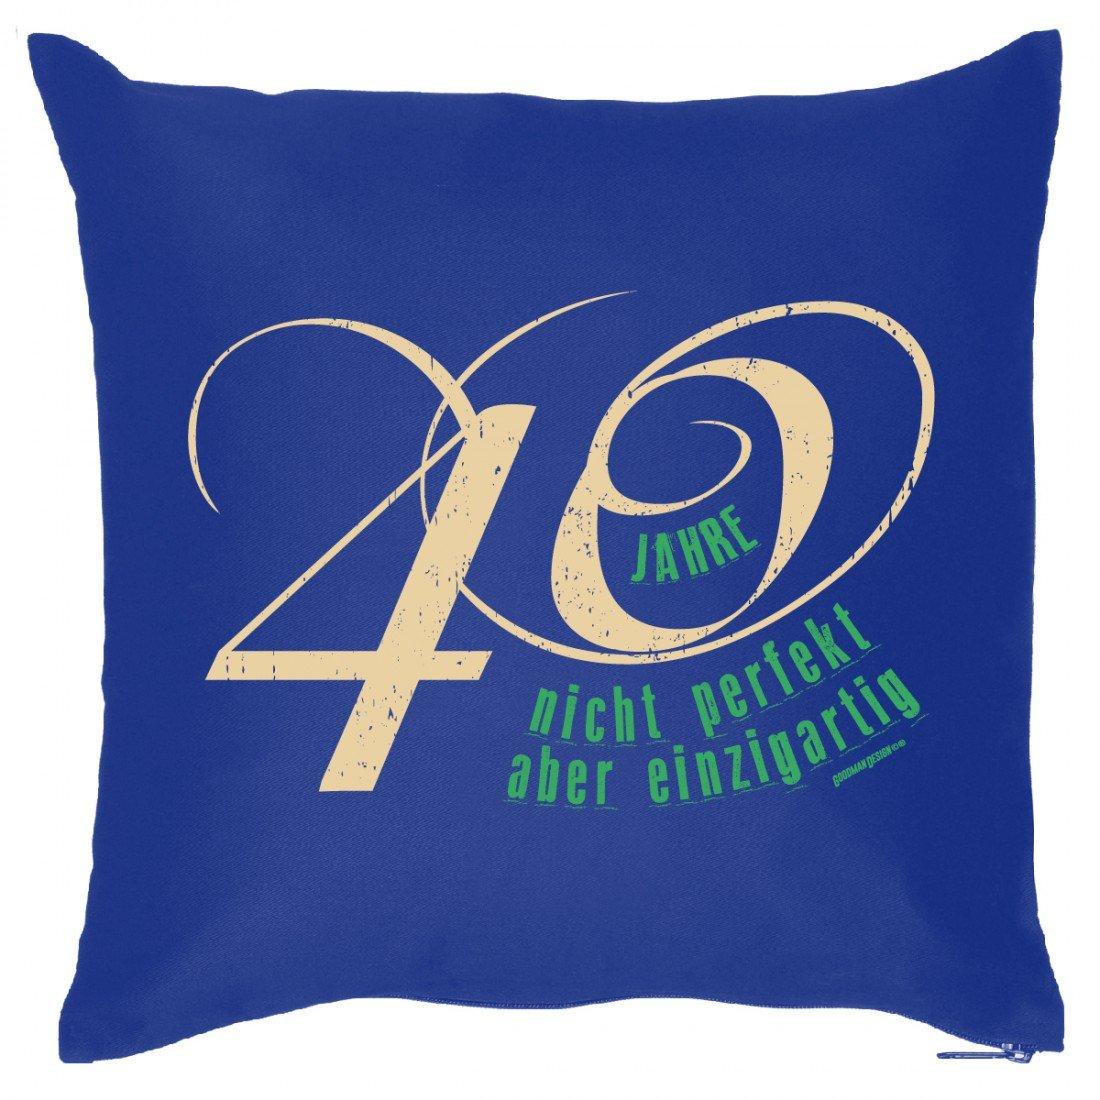 Kissen zum 40. Geburtstag – 40 Jahre – nicht perfekt aber einzigartig – Wendekissen, auch als Geschenk mit Humor jetzt kaufen